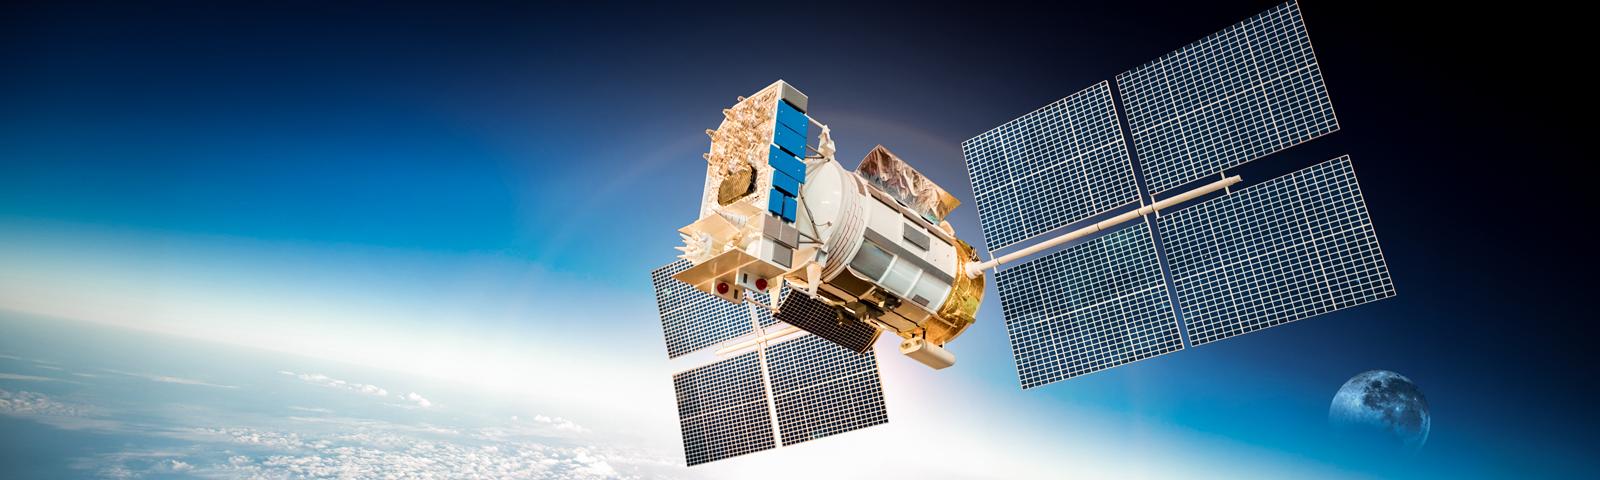 GeoSCAN ще търси живот на Марс от 2020 година